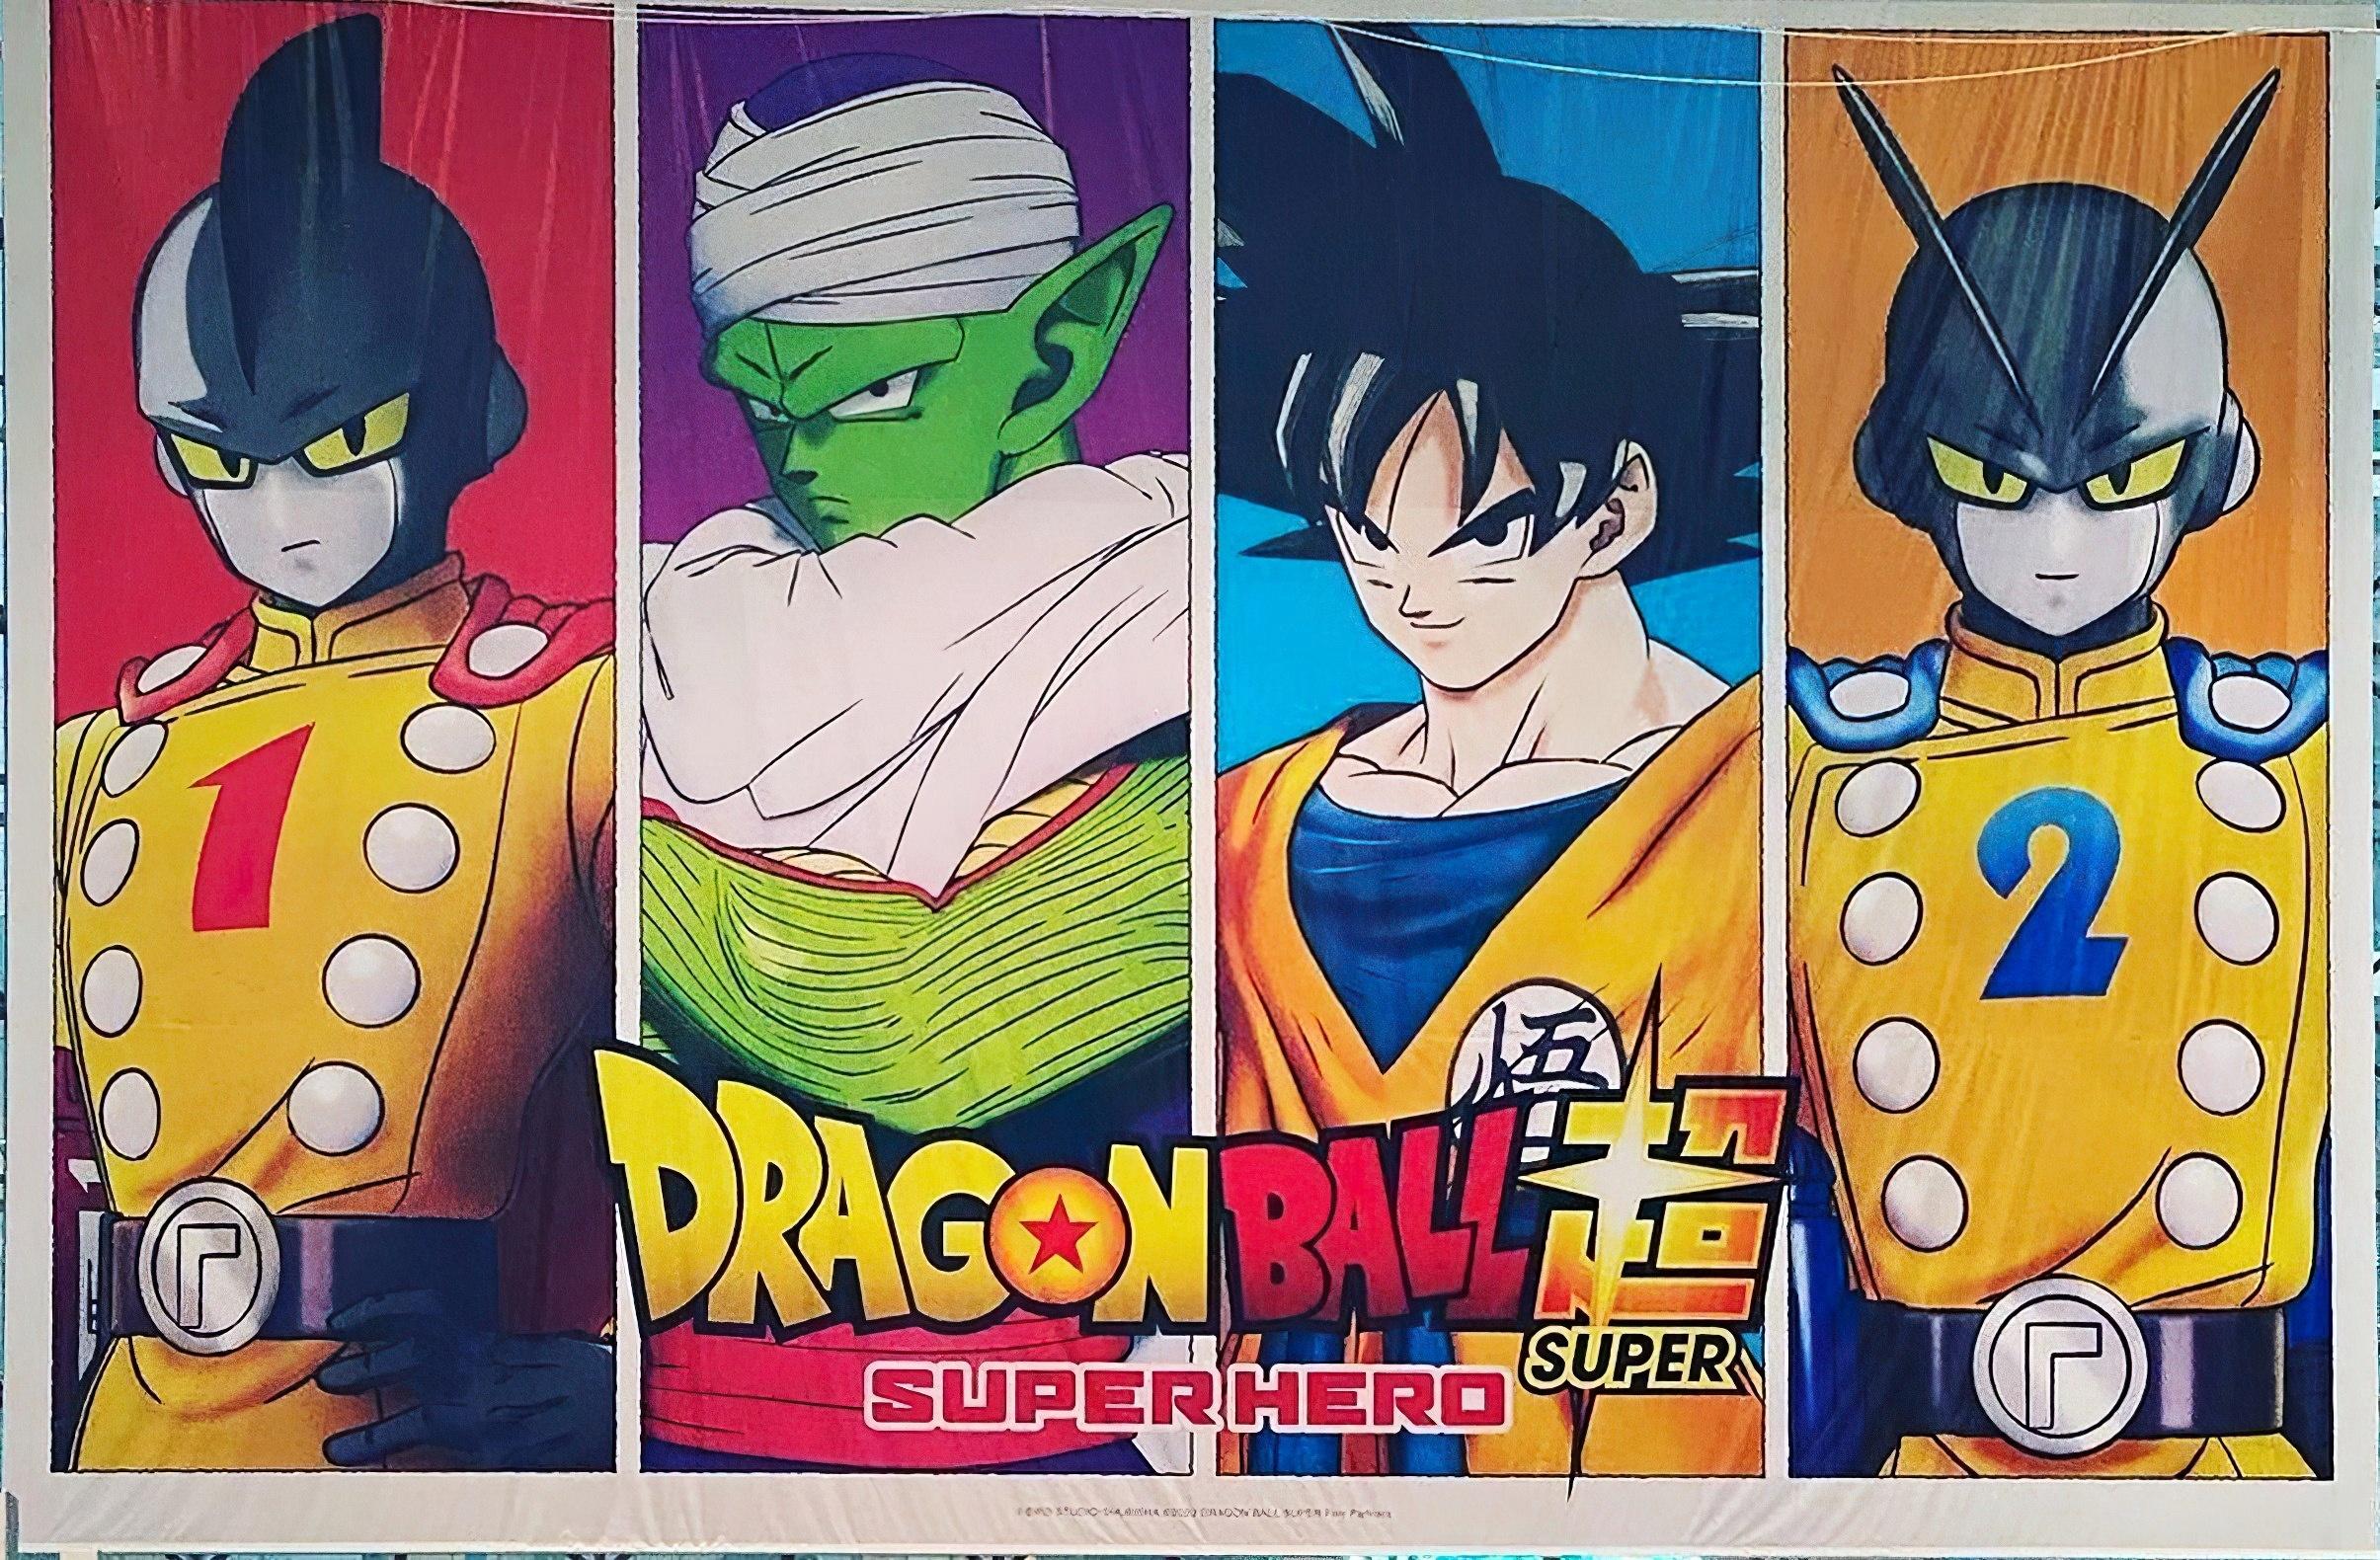 La película Dragon Ball Super: Super Hero revela un vistazo de próximo visual